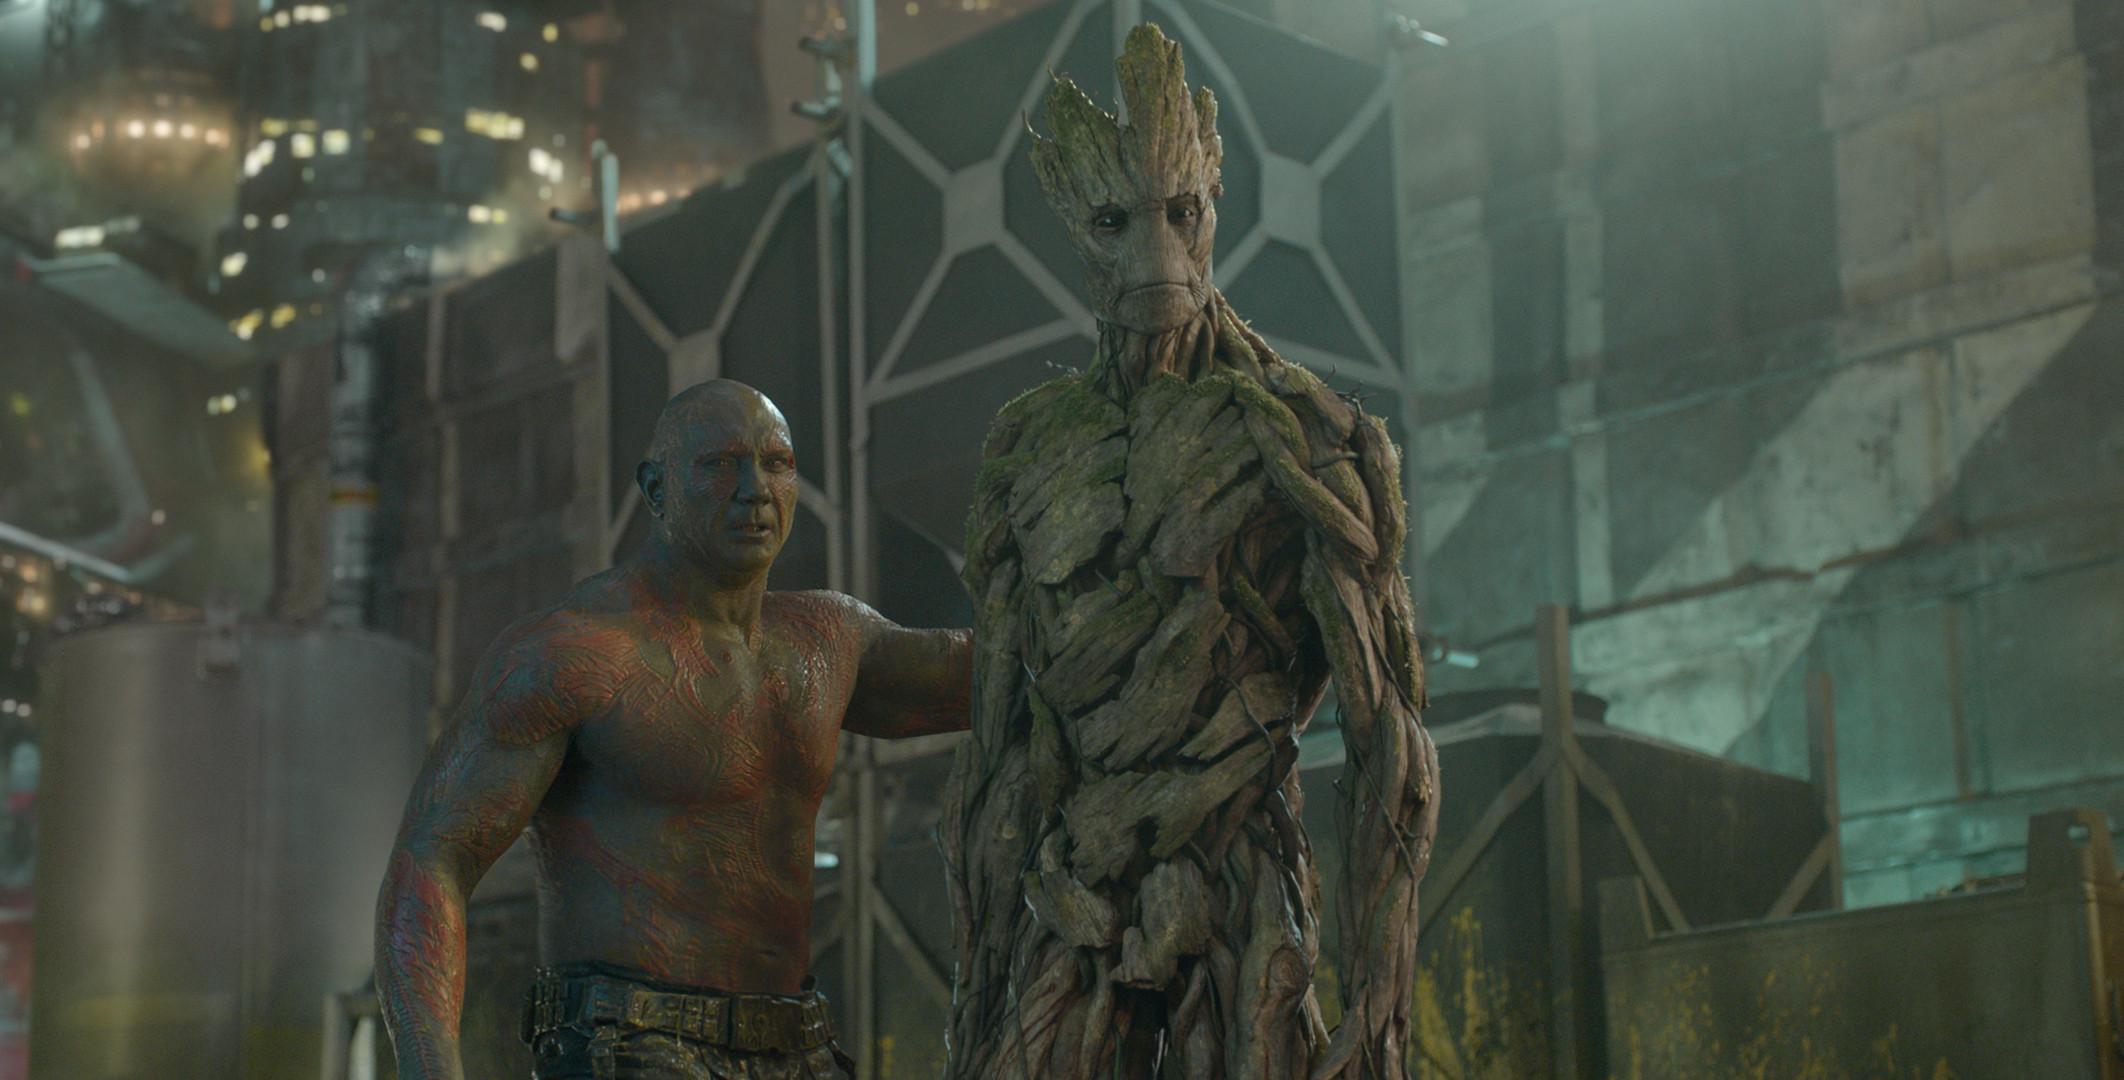 Guardiões da Galáxia - Drax e Groot